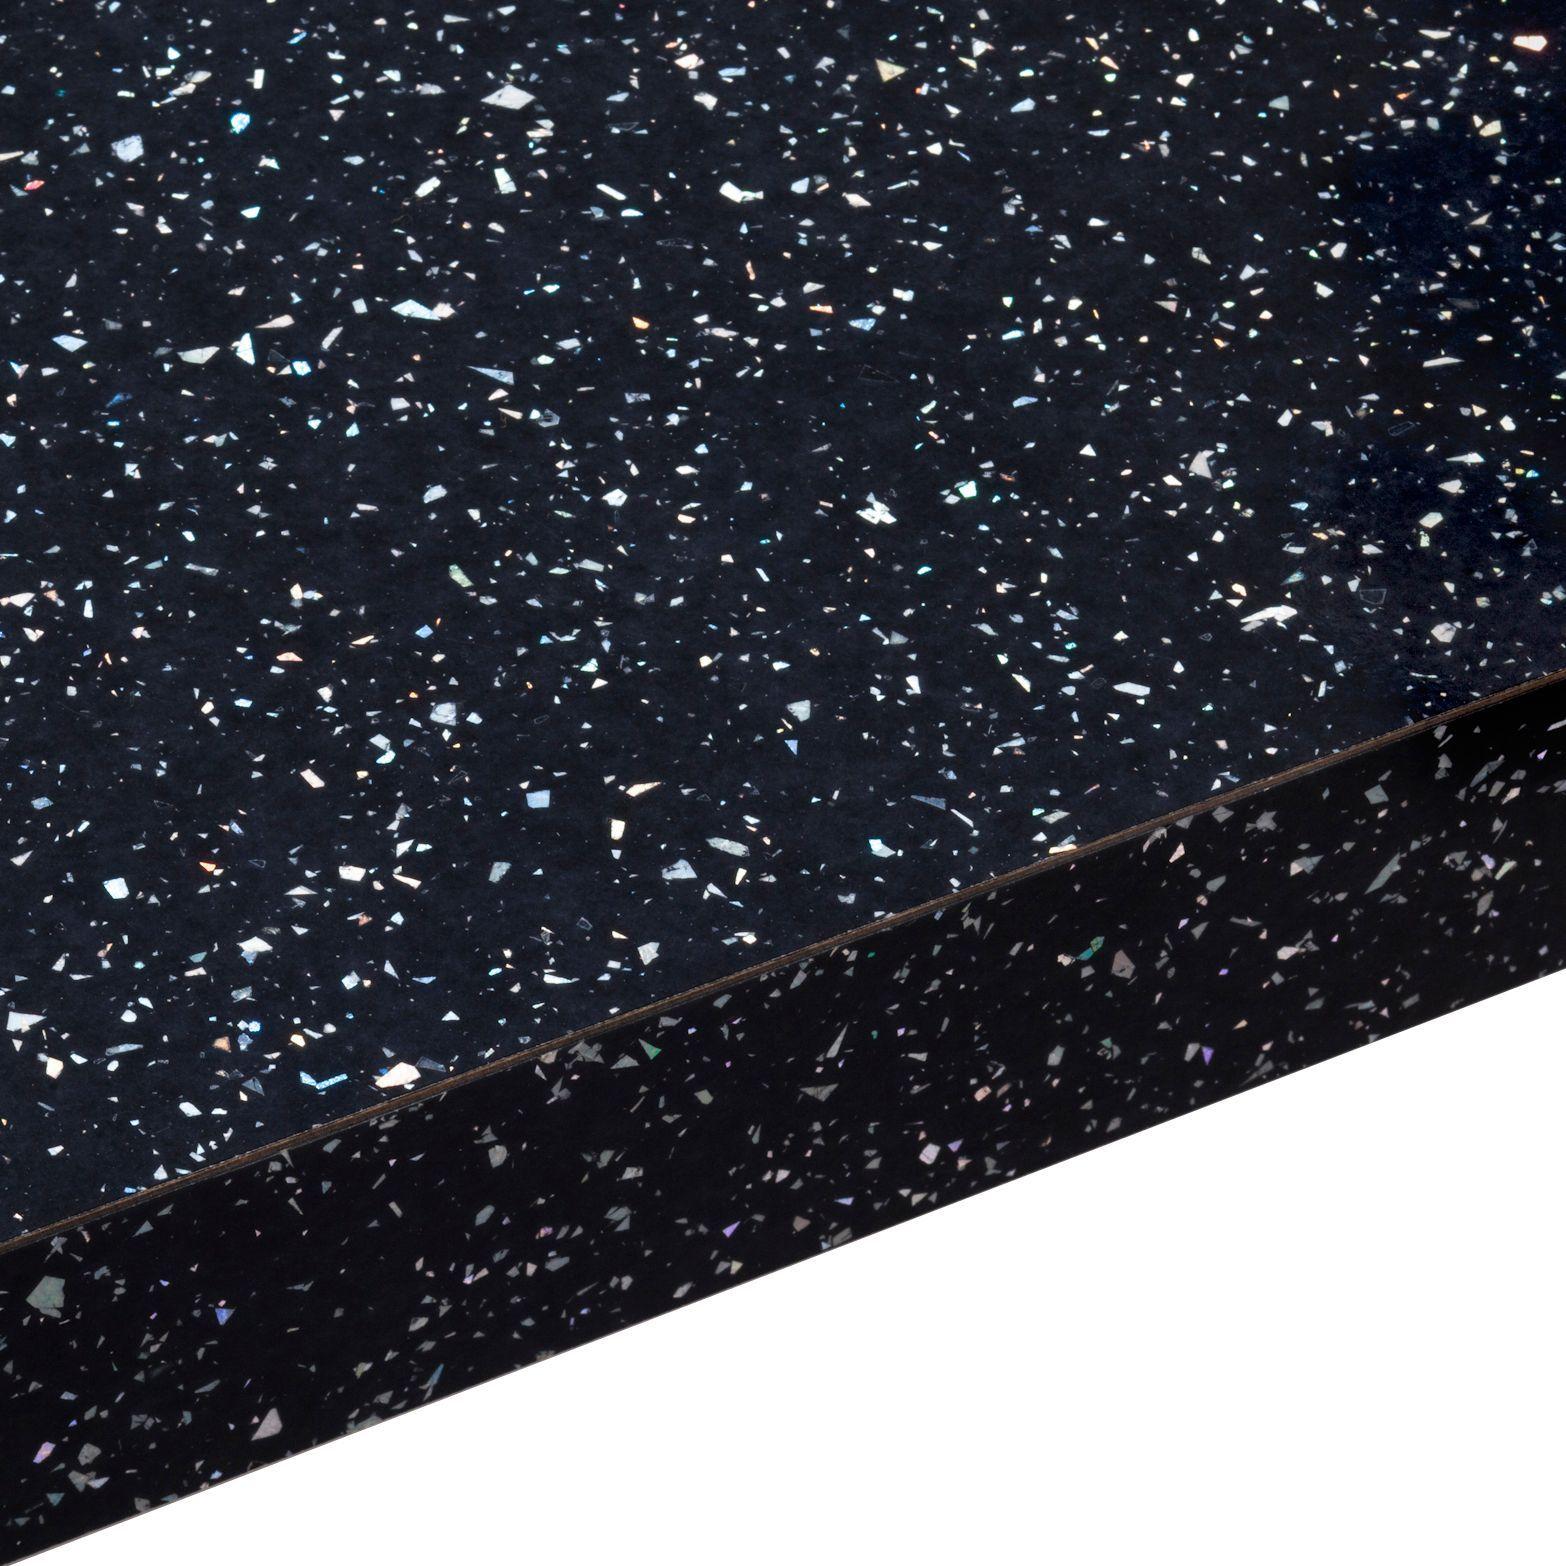 38mm B&Q Astral Black Gloss Laminate Square Edge Kitchen